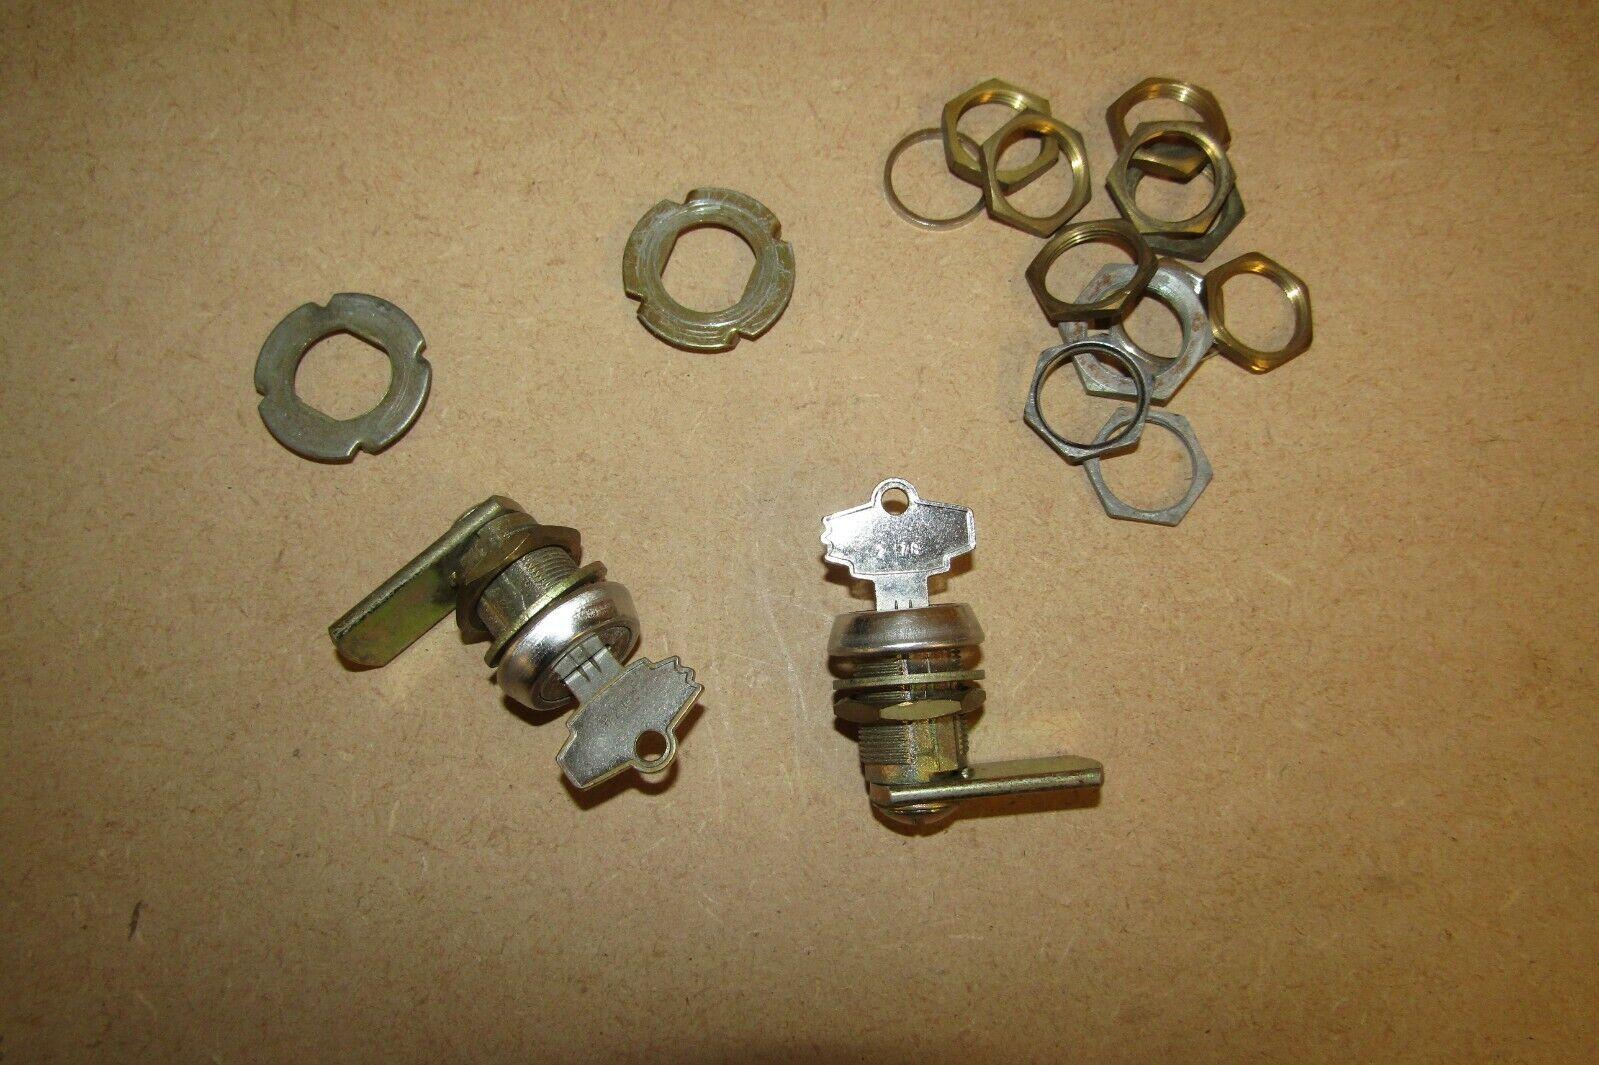 x2 Original 2178 Superleague Pool Table Locks and Key